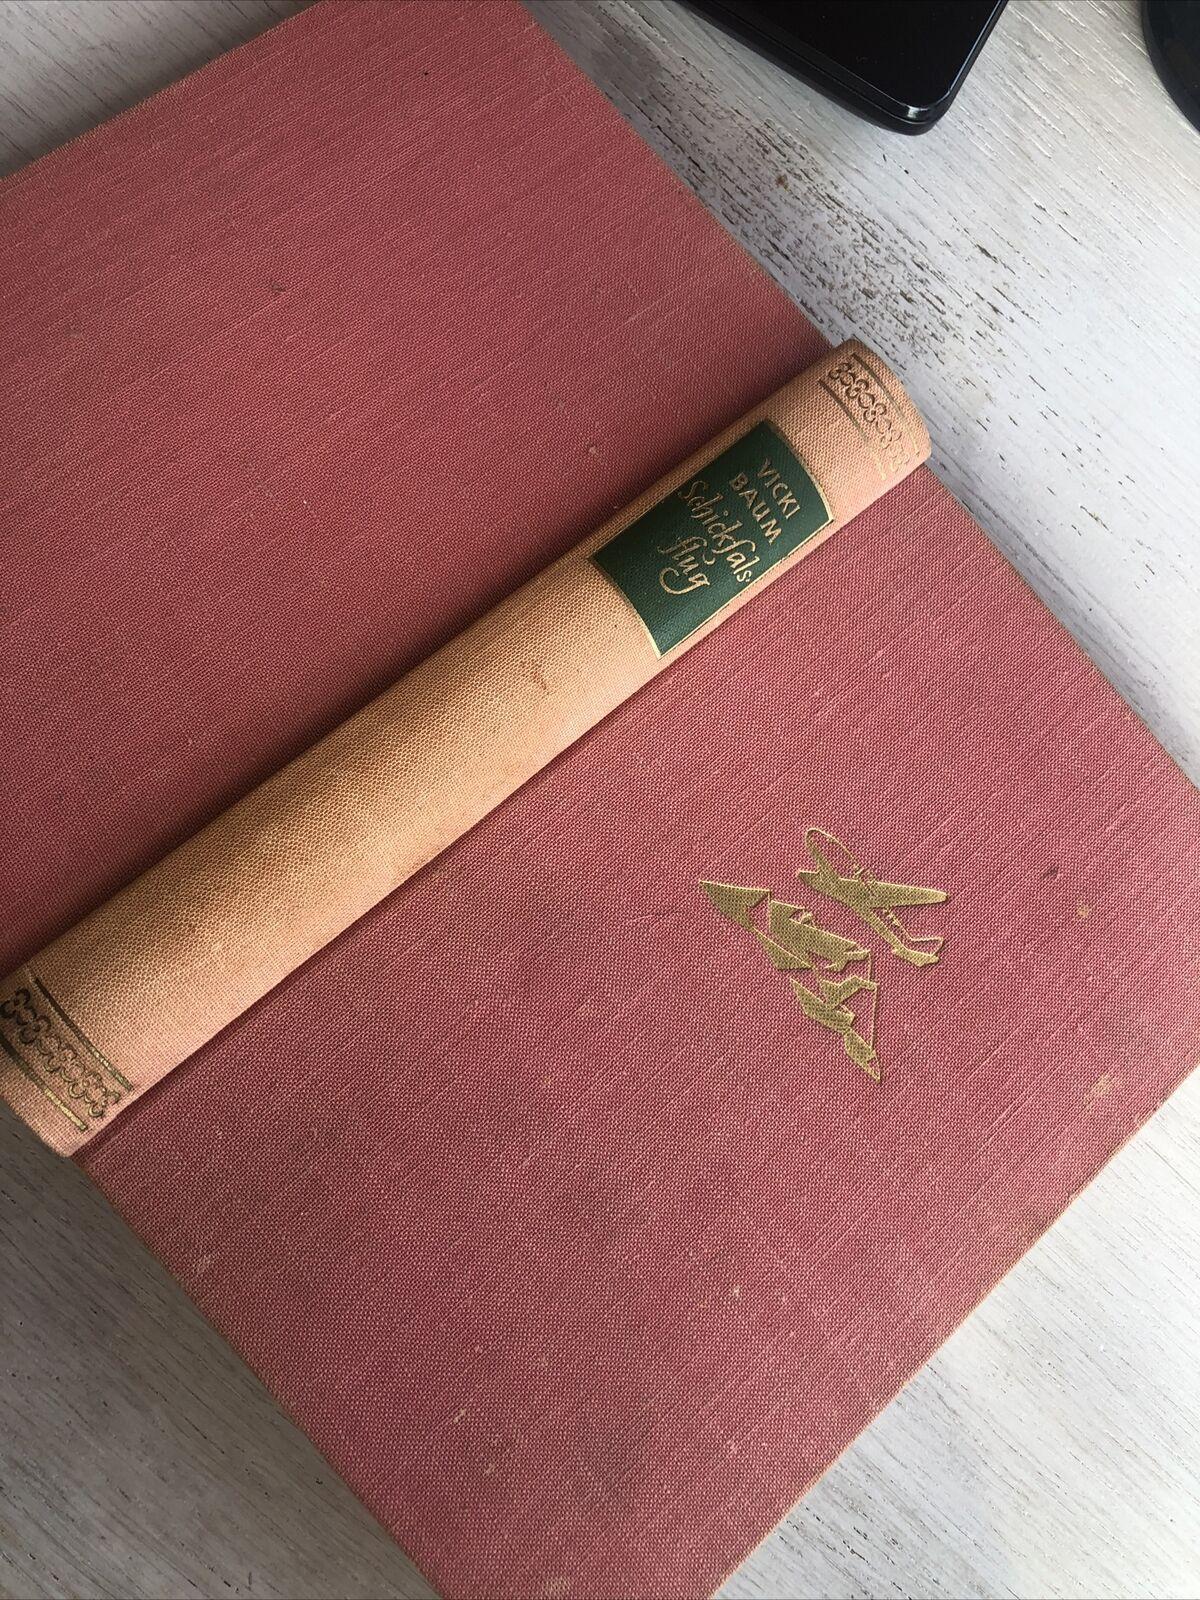 Schicksalsflug  Ein Roman von Vicki Baum